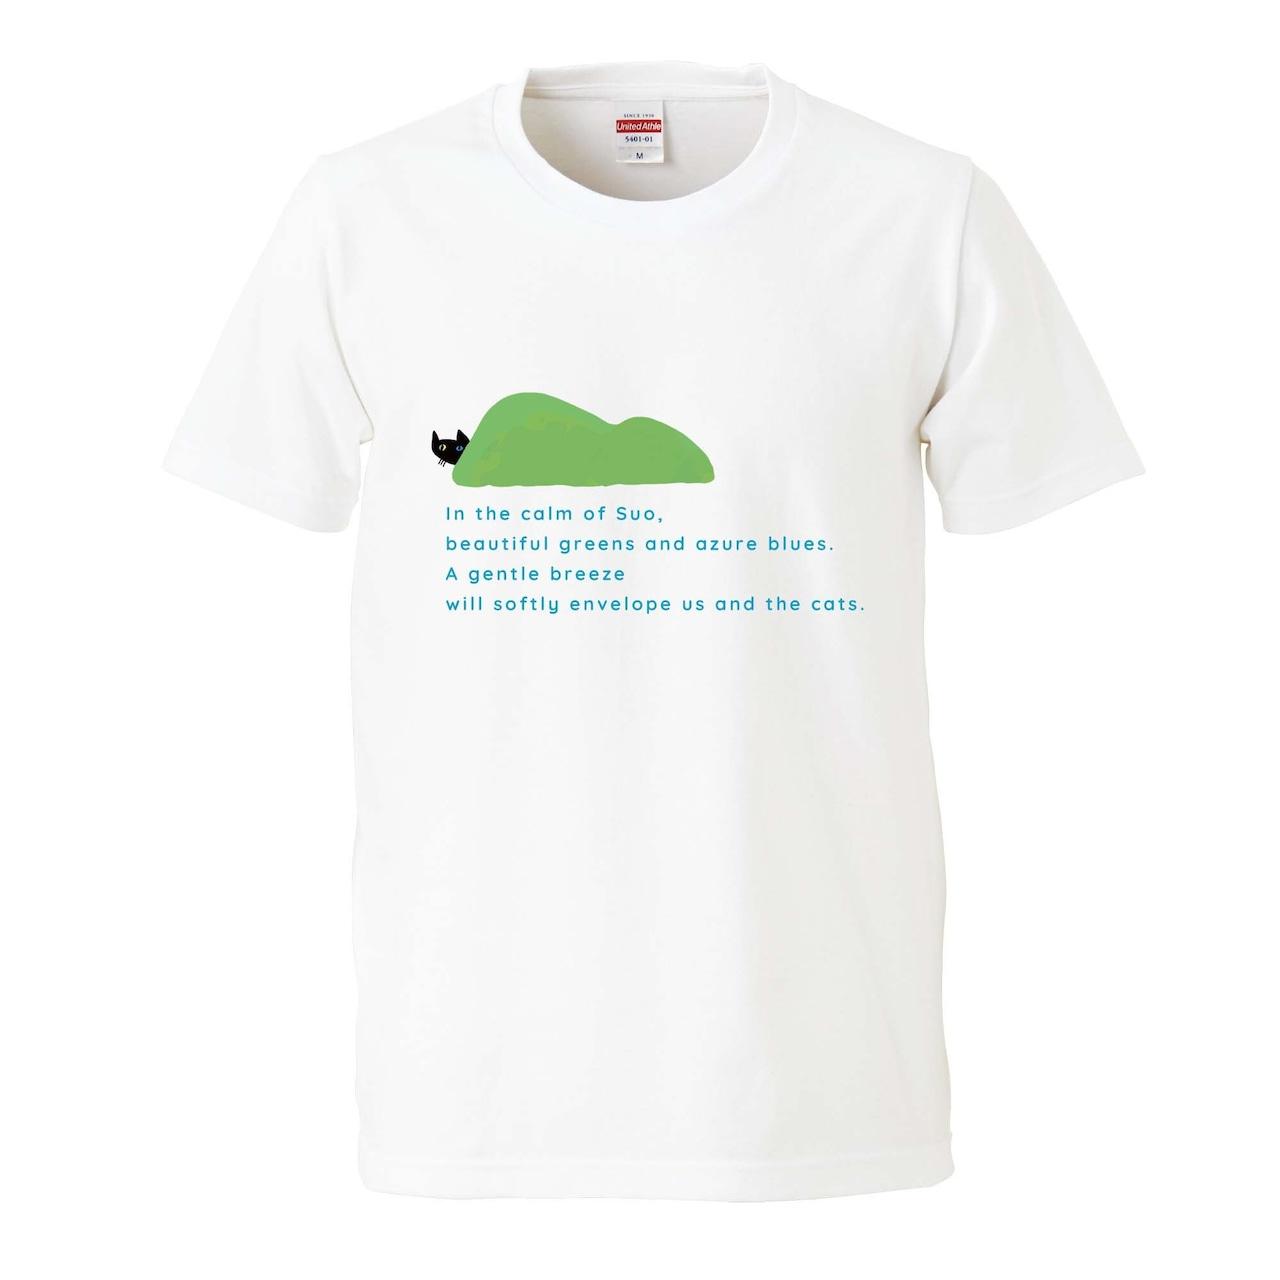 周防猫庭Tシャツ【ホワイト】 ★全国送料無料★